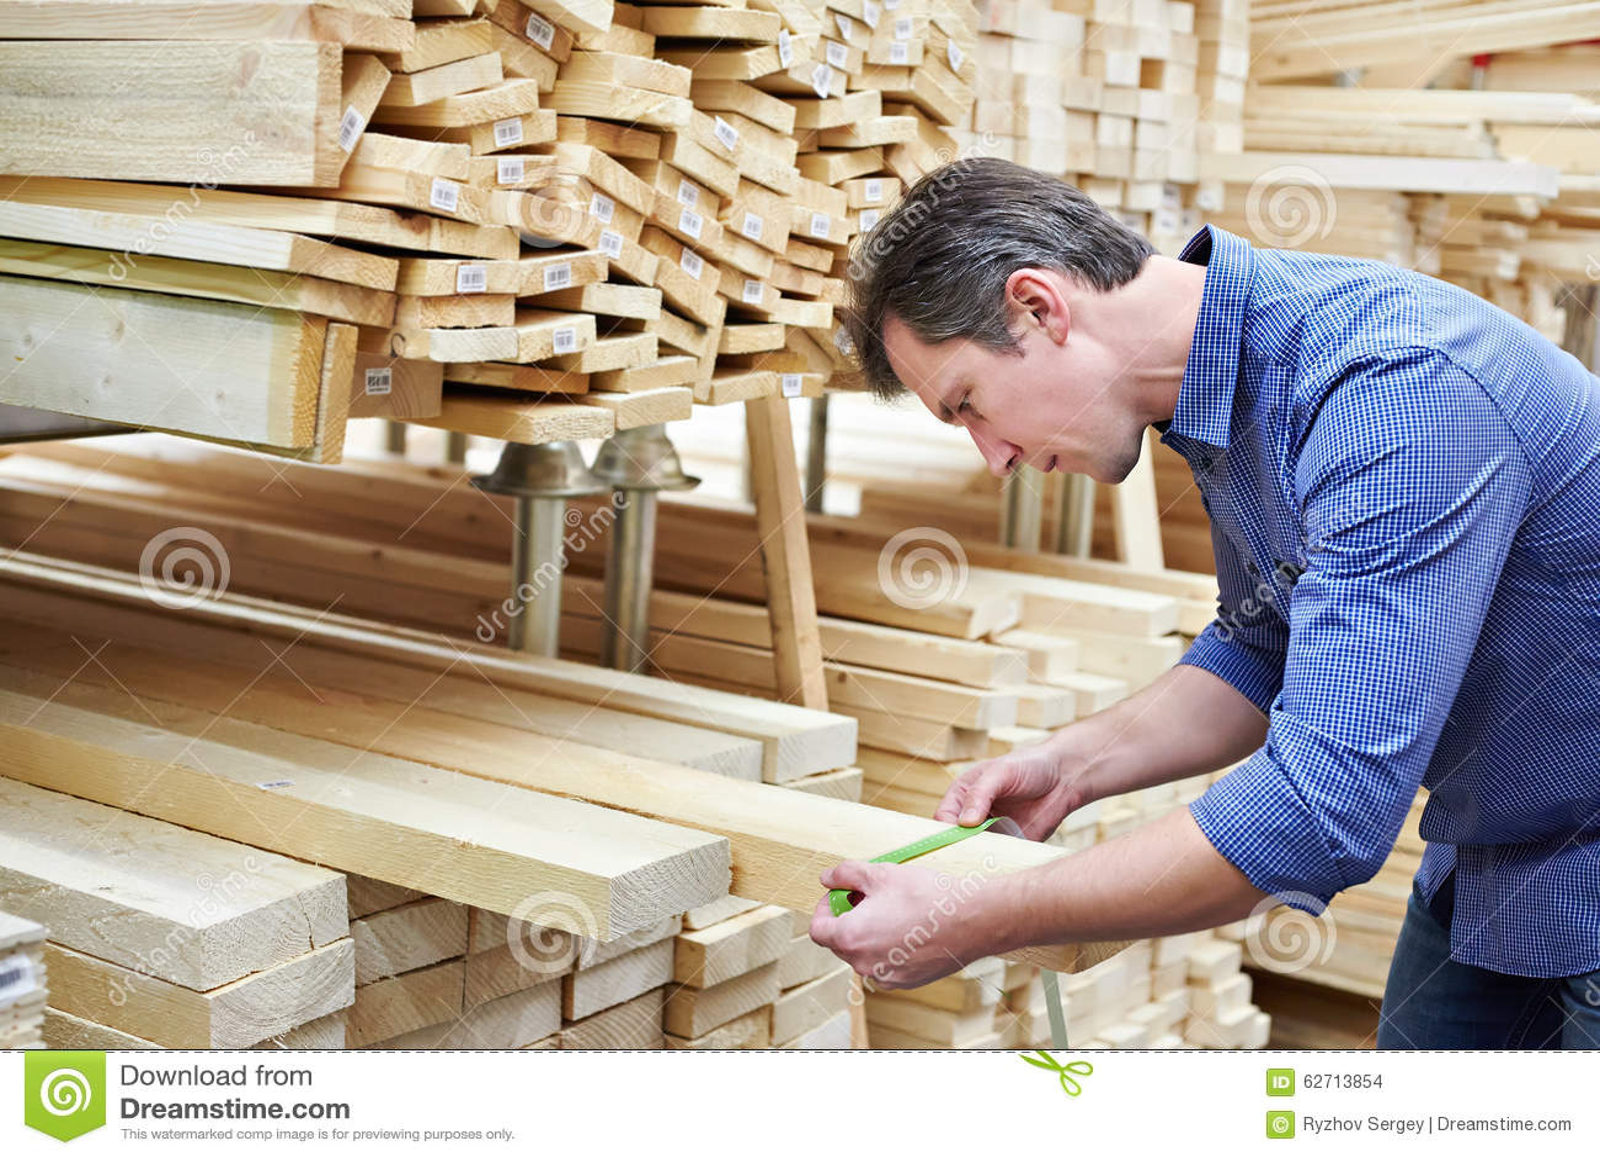 Το άτομο επιλέγει τους πίνακες για την κατασκευή στο κατάστημα